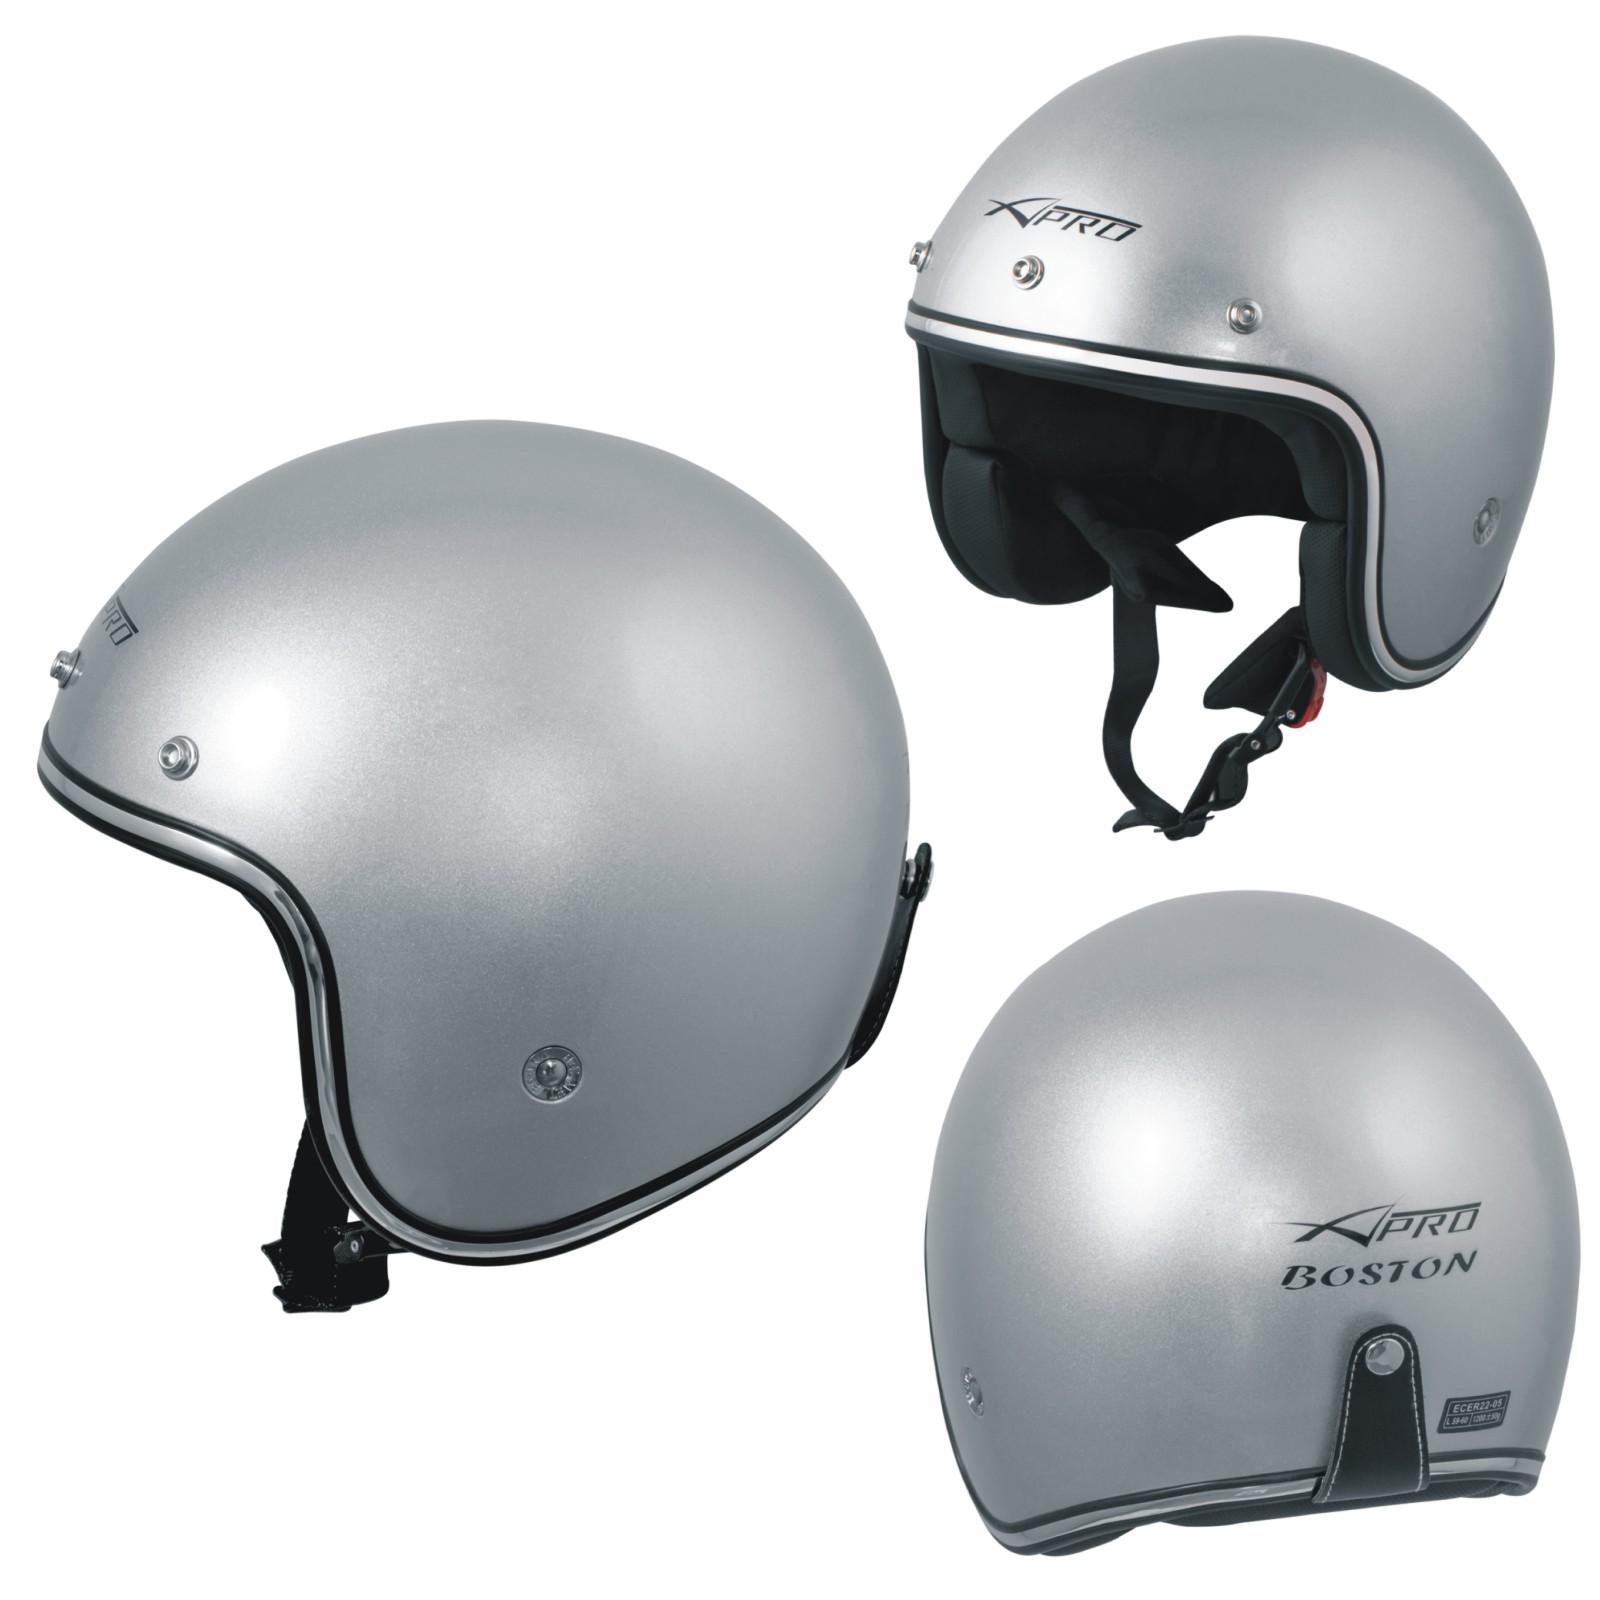 Lsrryd Motociclo Casco Open-Face Scooter Doppi Occhiali Sicurezza Moda personalit/à per Uomini Donne Colore : Brown, Dimensioni : M 55-57cm